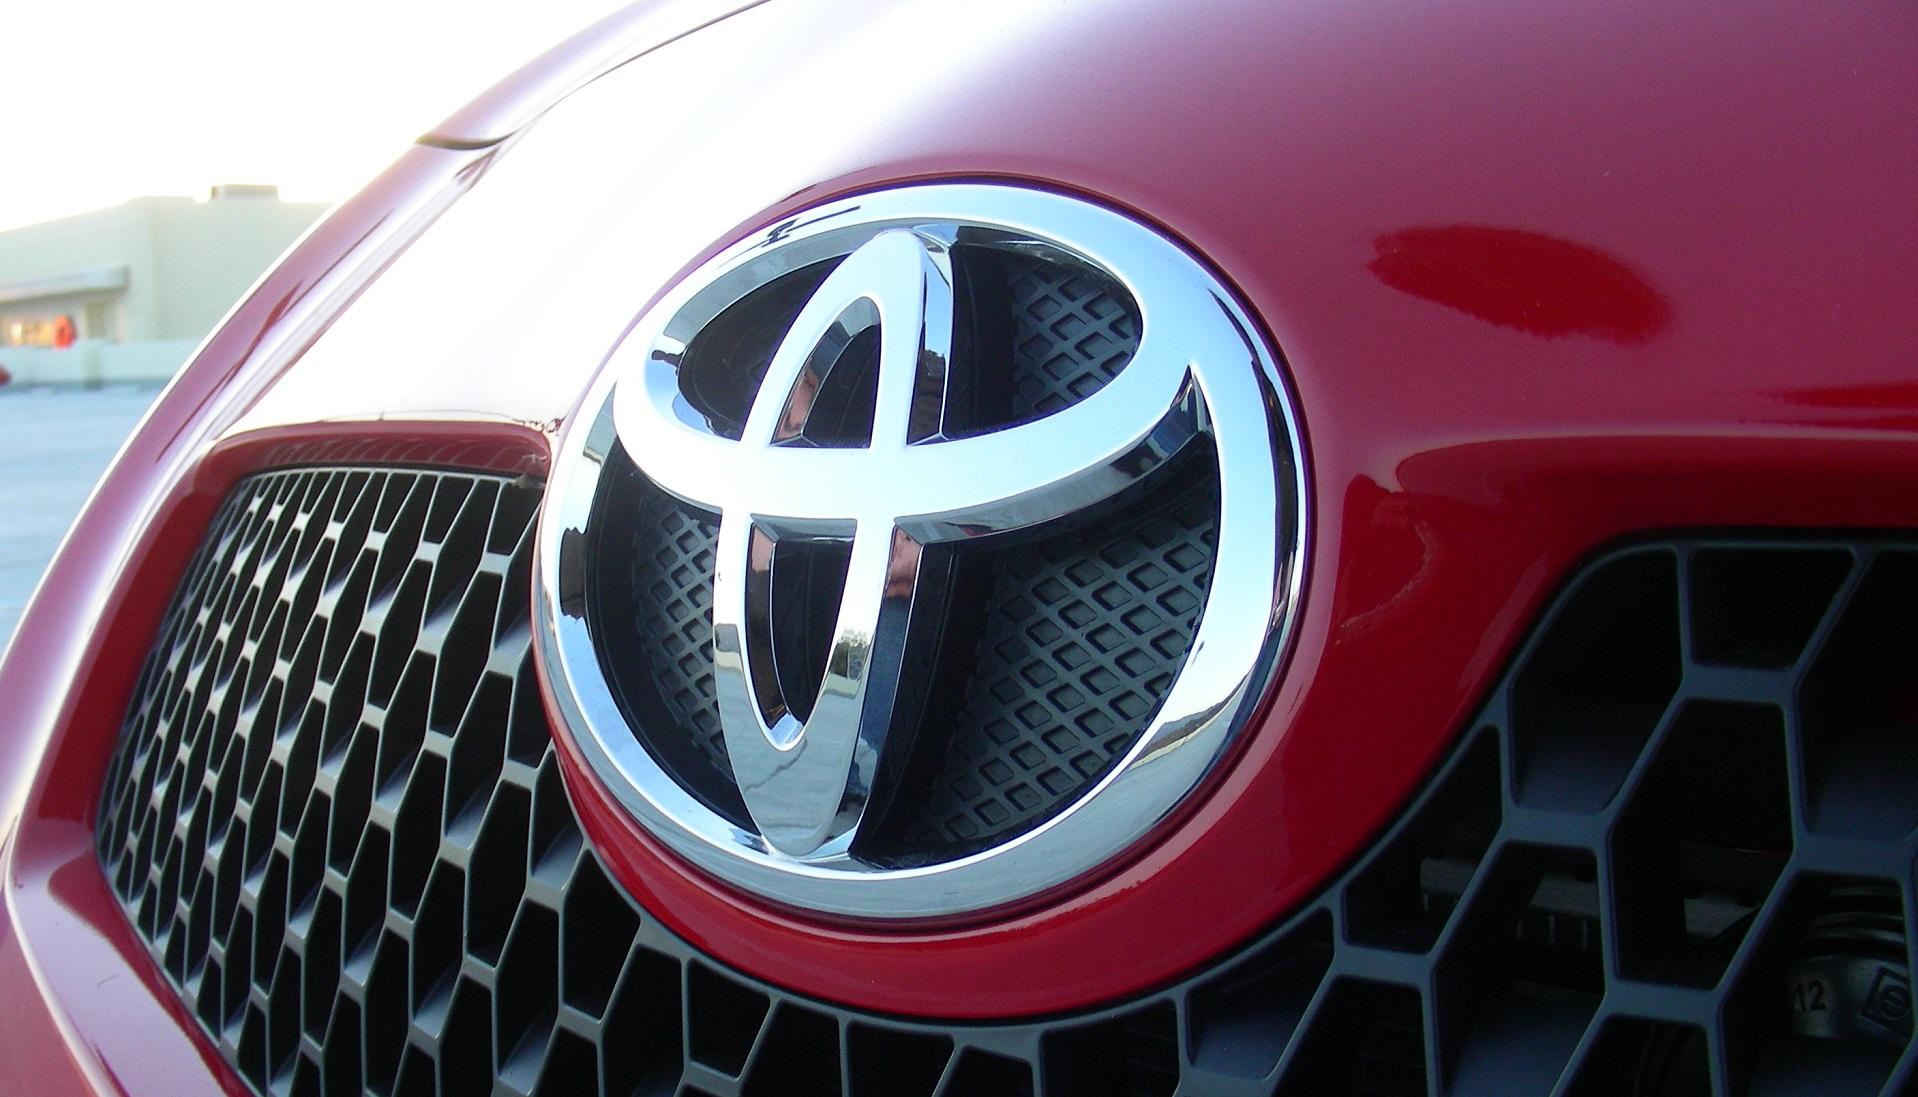 Toyota probará coches con inteligencia artificial en 2020